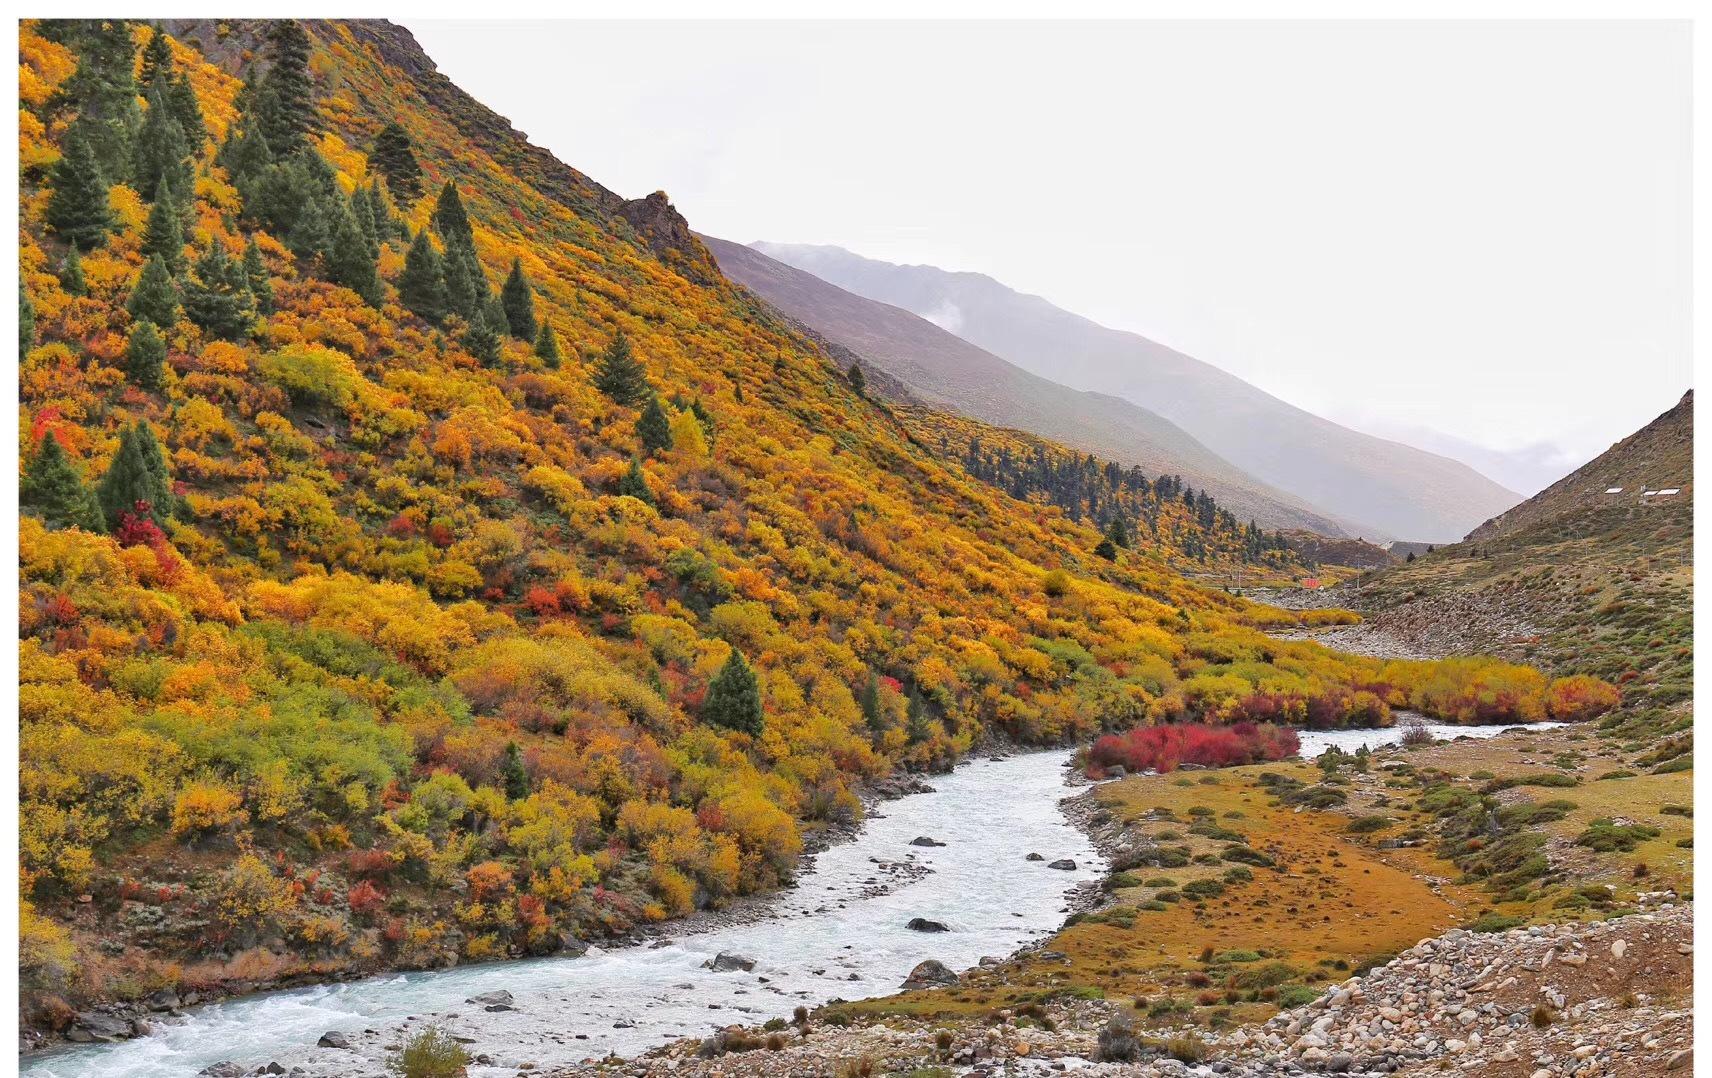 川藏线秋季错峰出行与美食美景有缘,包车拼车住宿也便宜! 川藏线旅游攻略 第8张